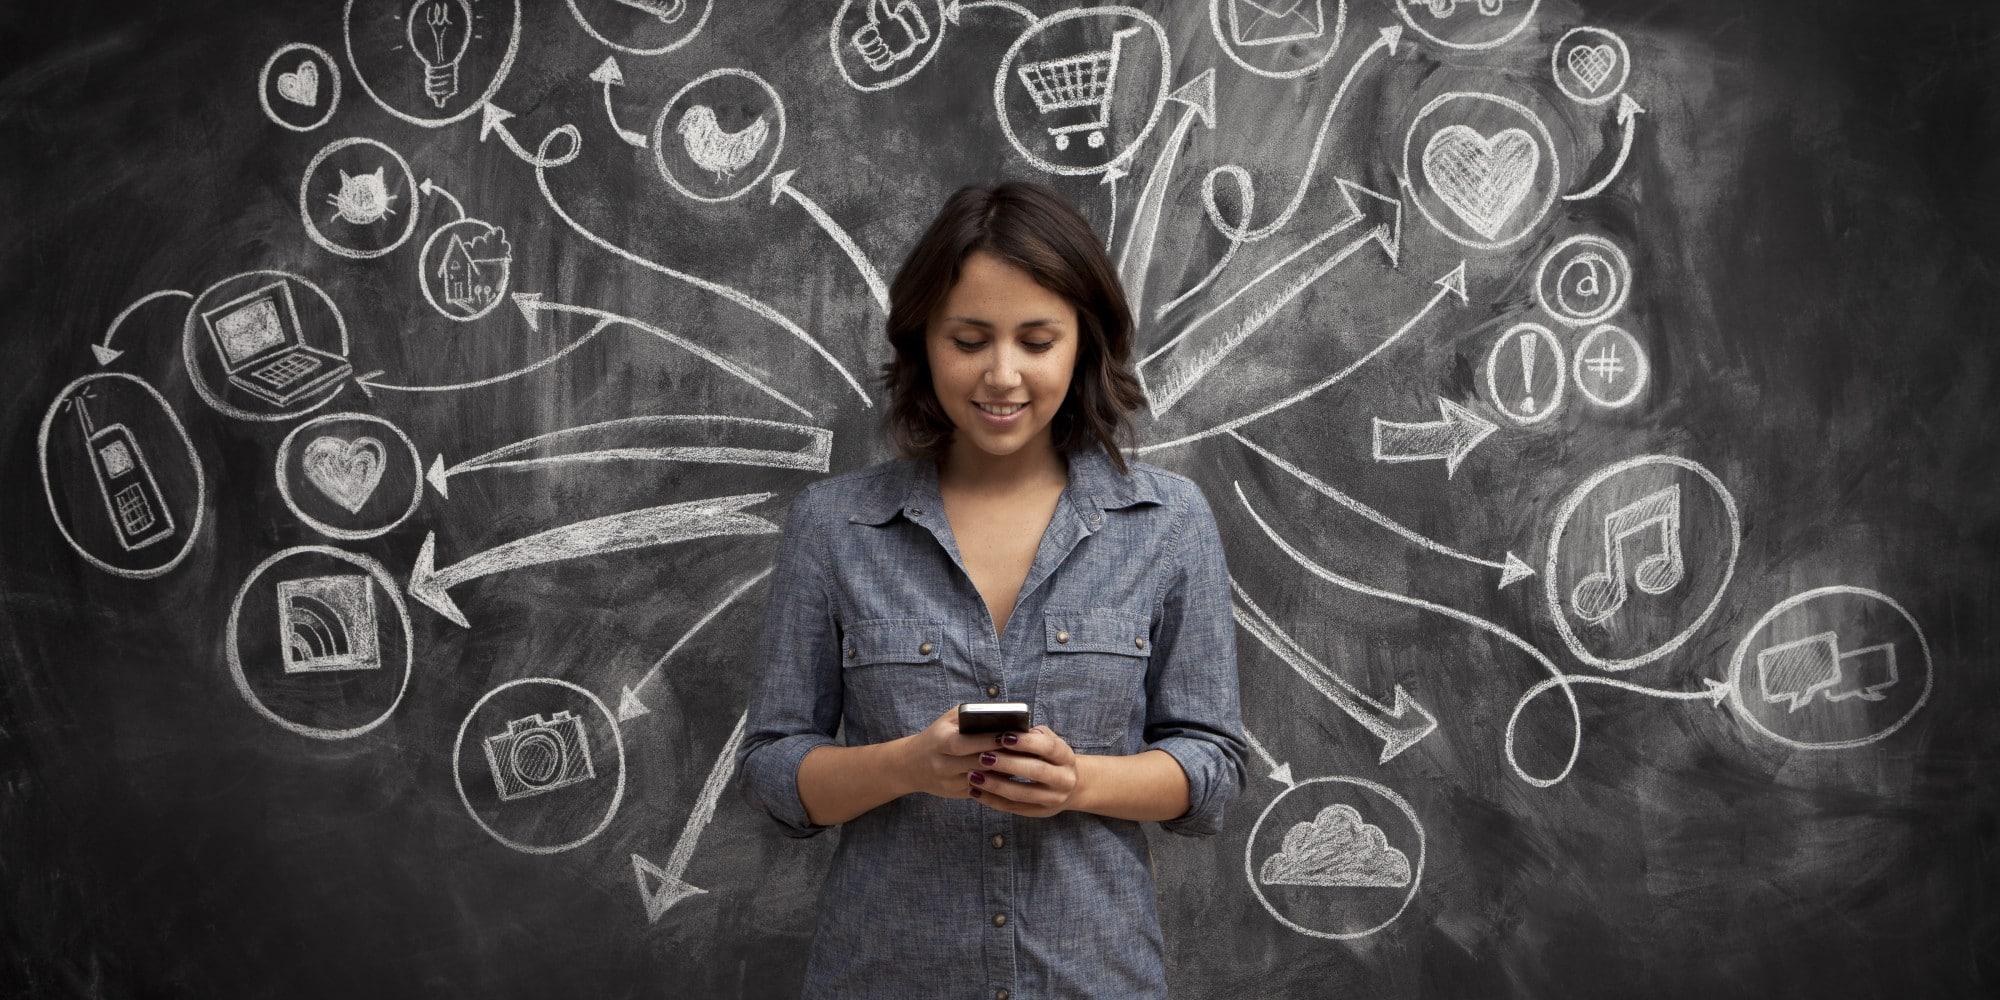 A nova fase da era digital e das mídias sociais